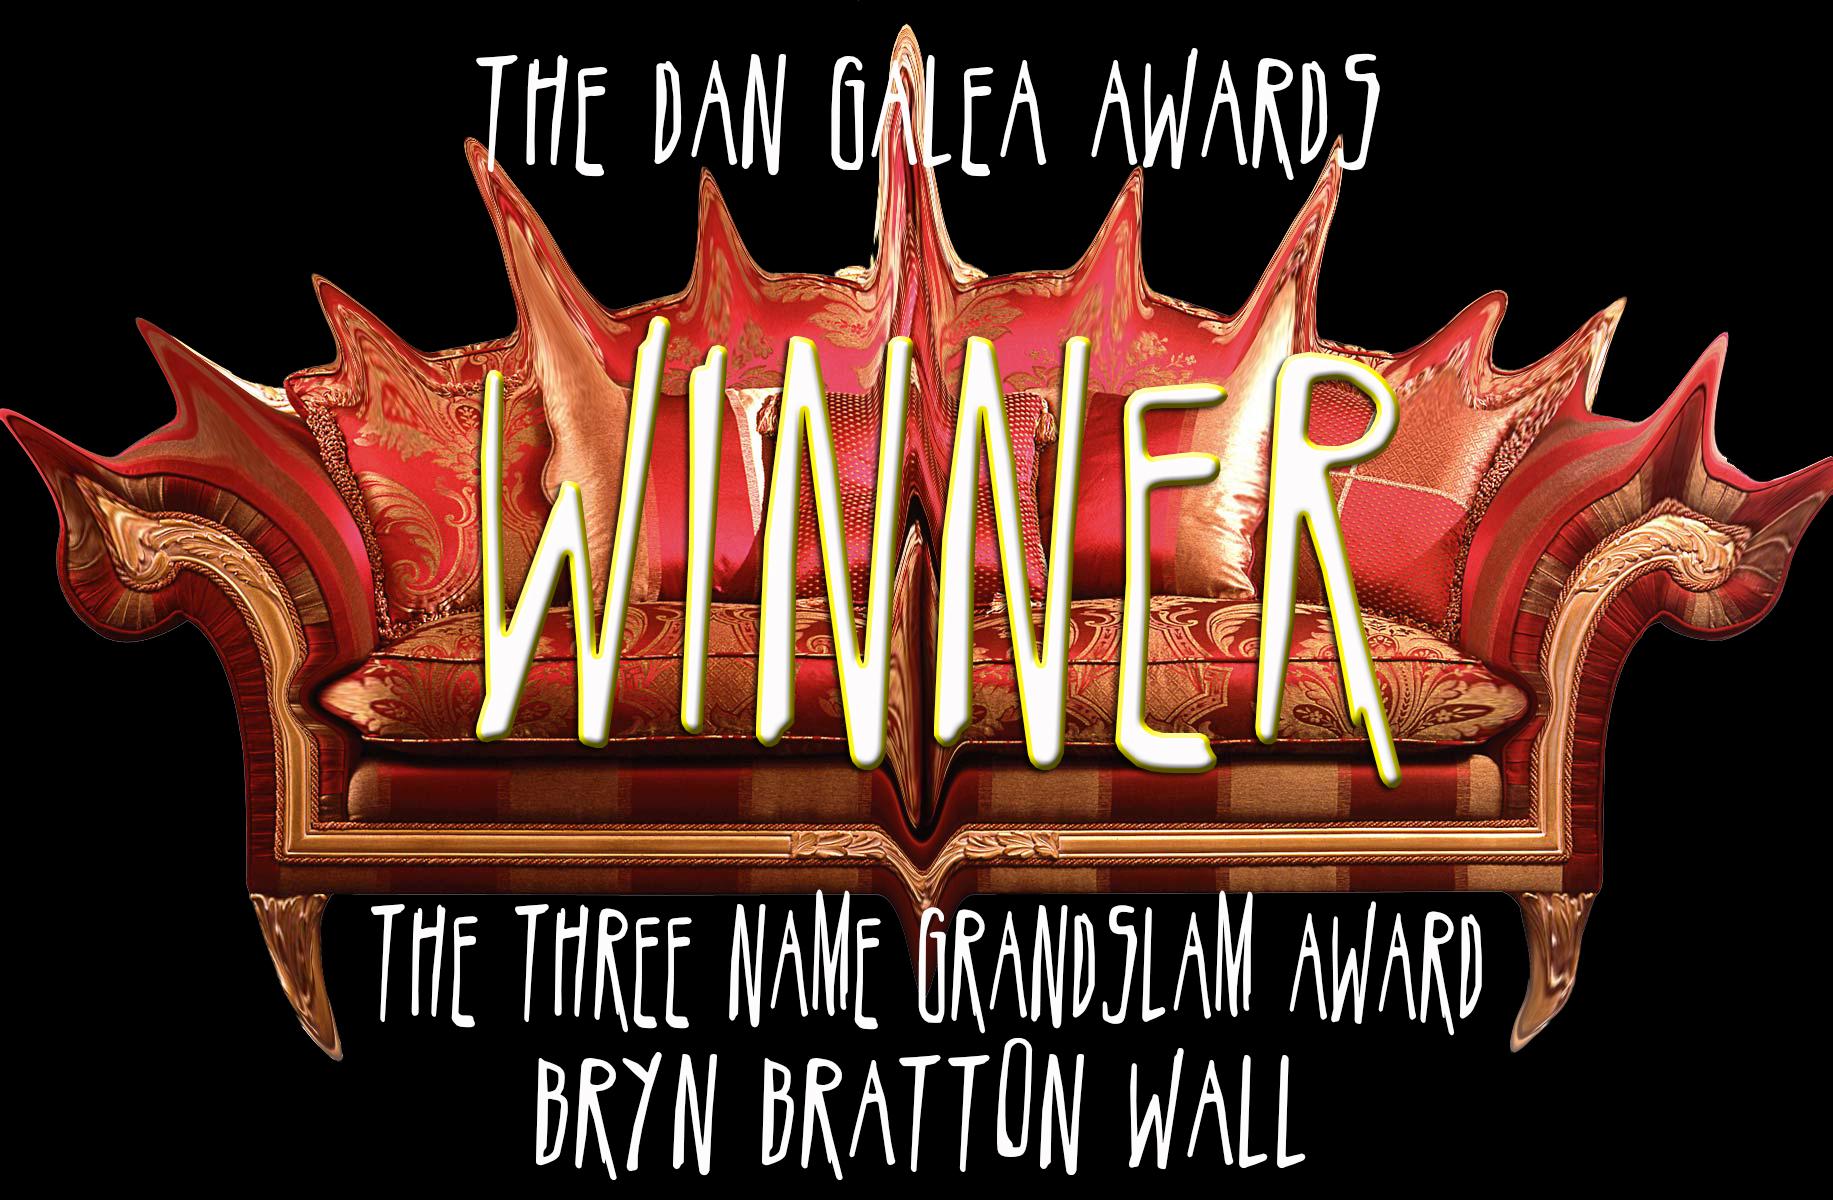 DGawards Bryn Bratton Wall.jpg